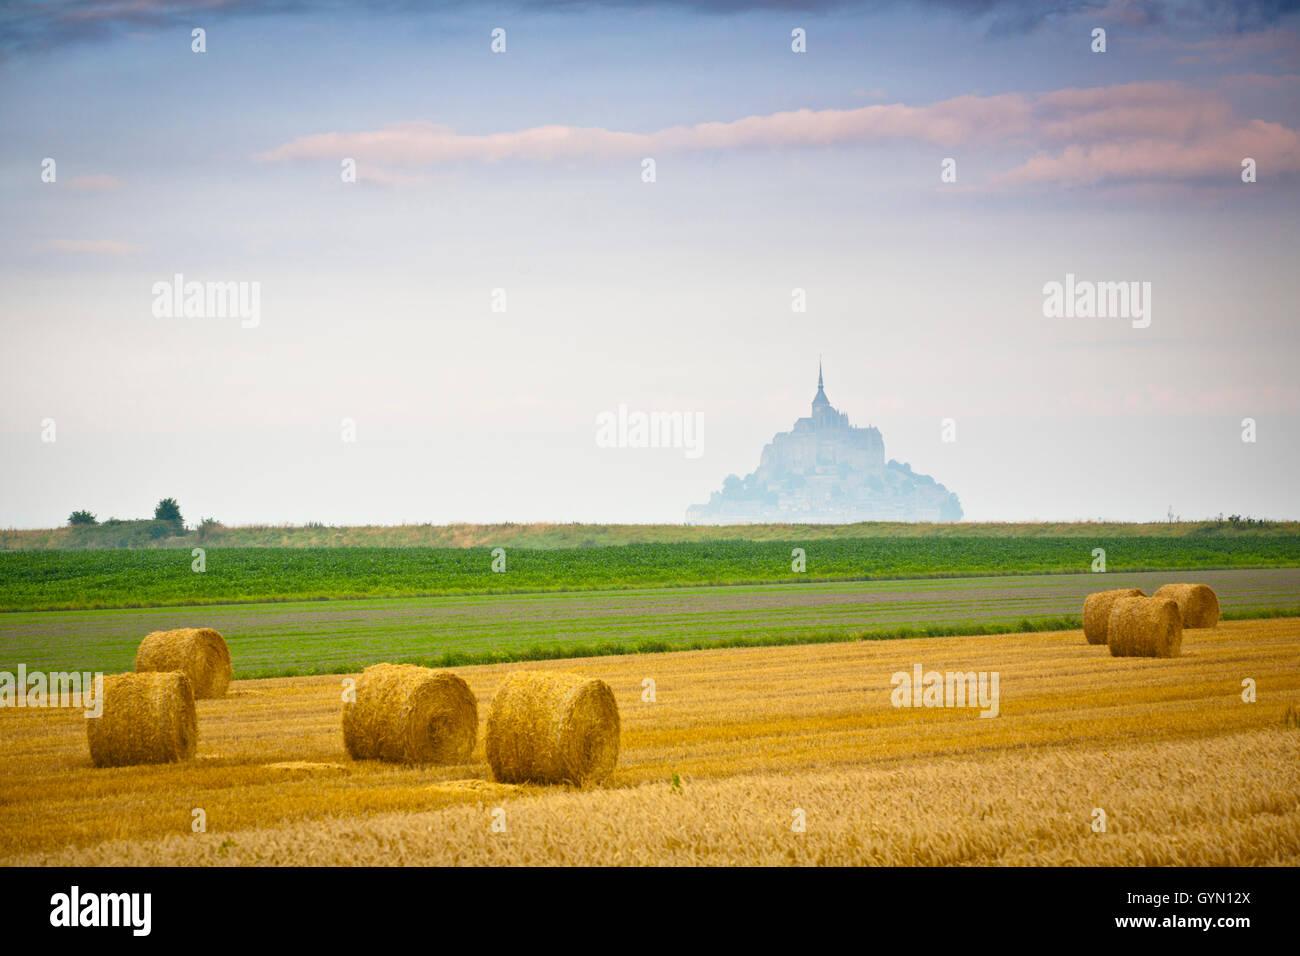 St Michael´s Mount und Ackerland mit Weizen Ballen, Manche Abteilung, Basse-Normandie Region, Normandie, Frankreich, Stockfoto